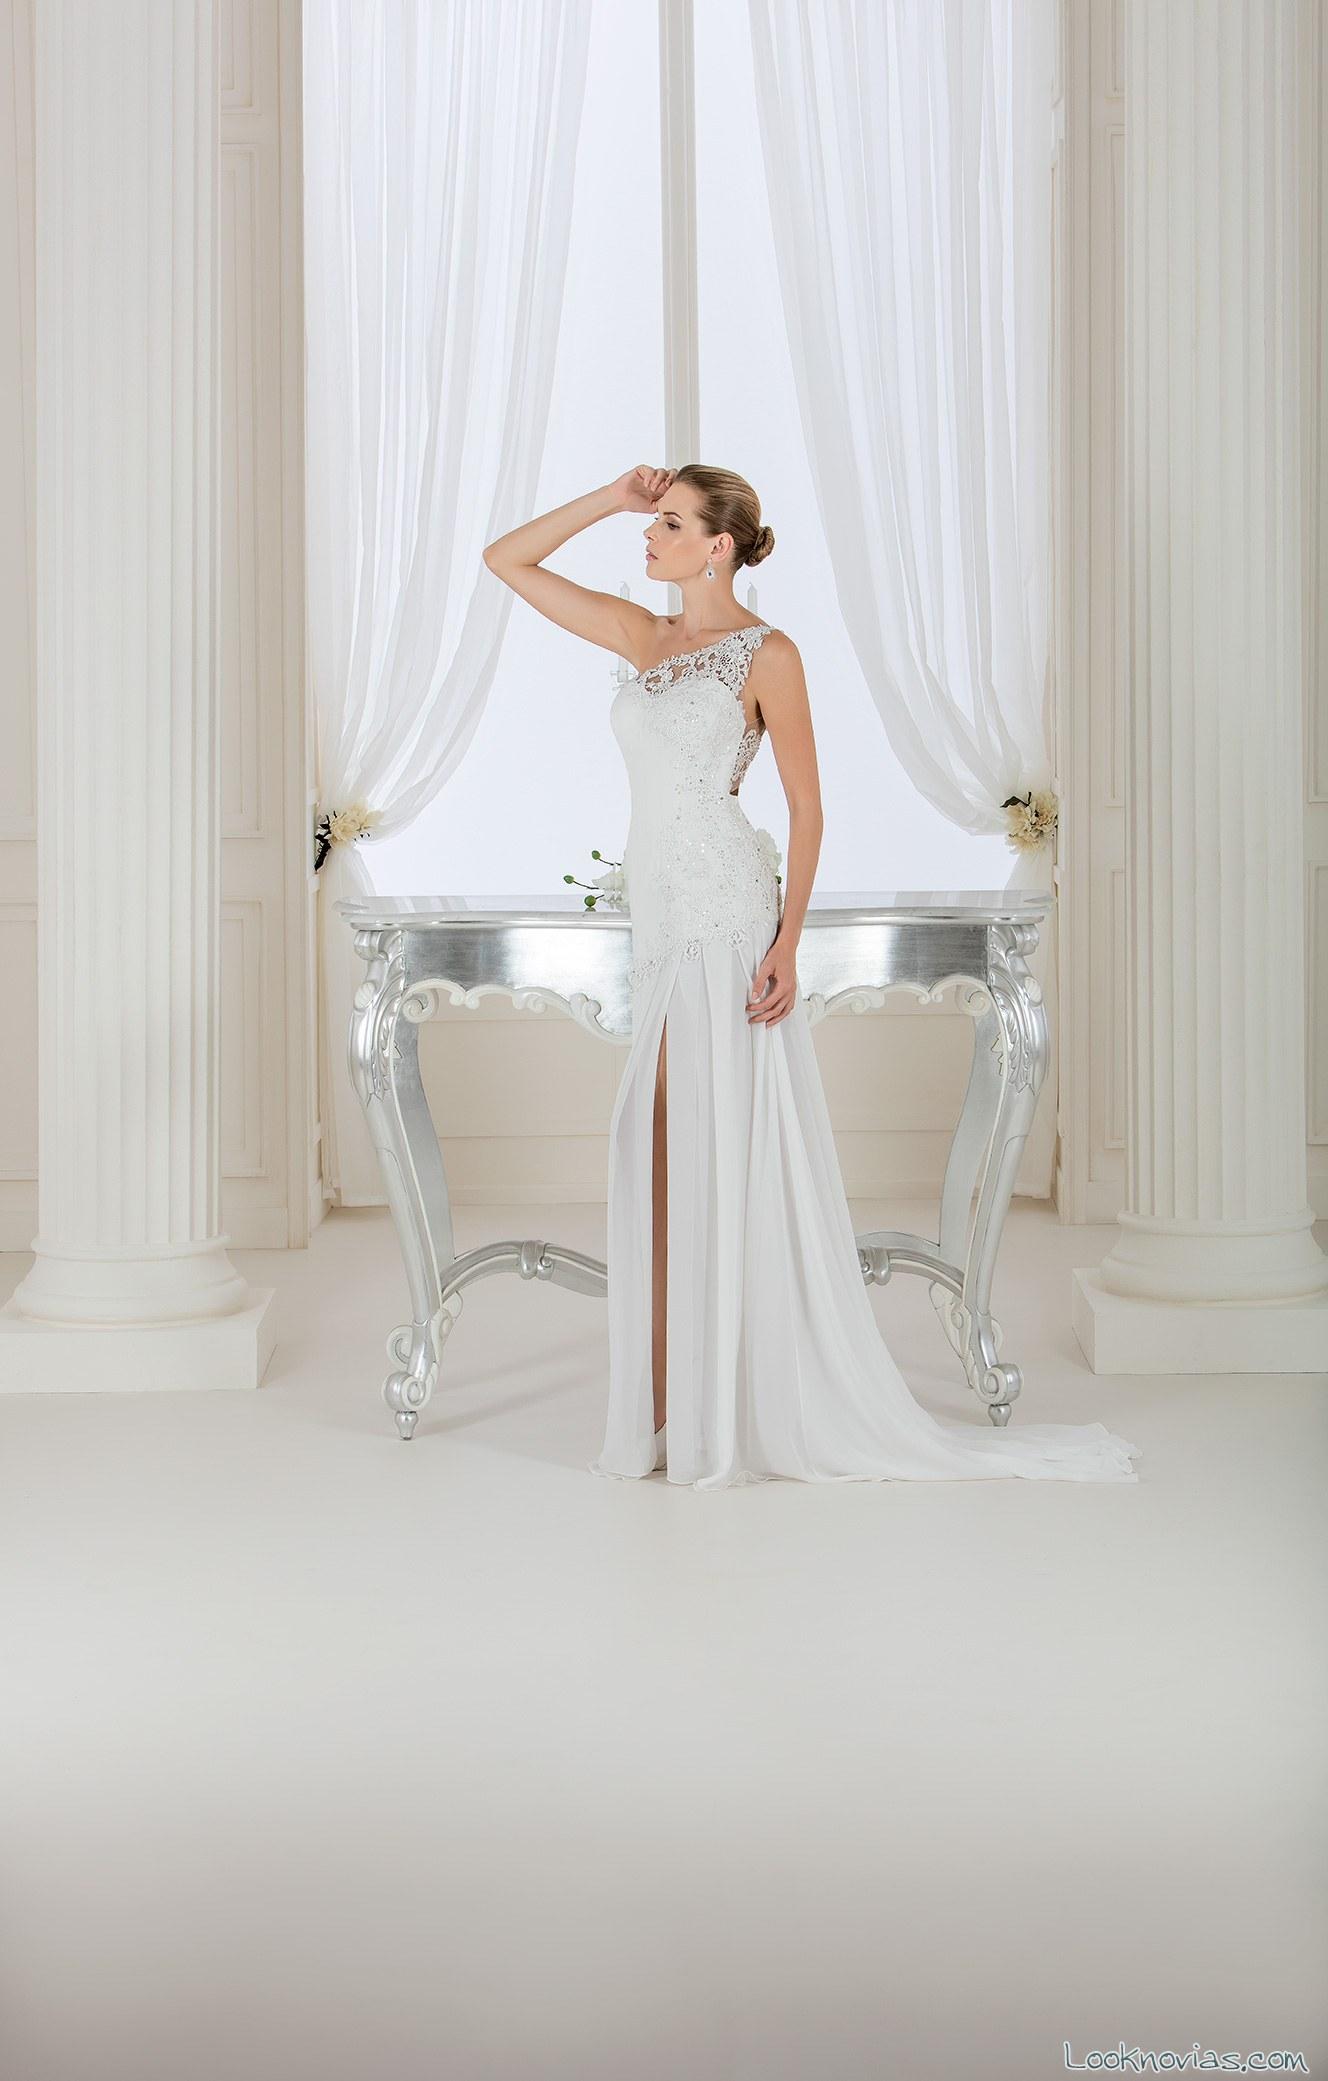 vestido plisado con abertura en las piernas